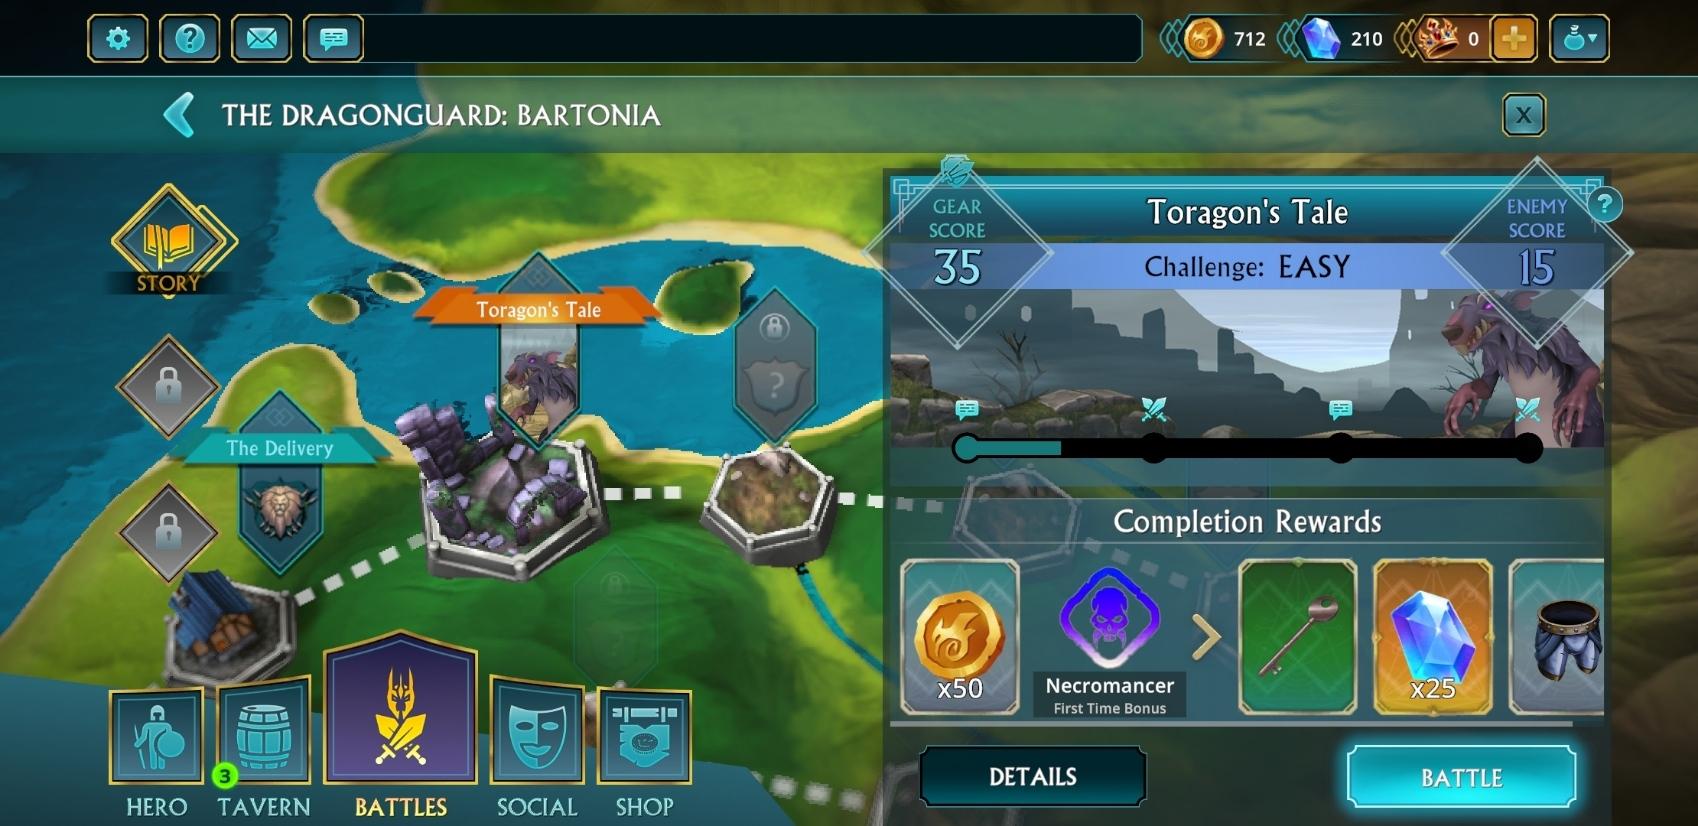 Chaque événement sur la carte du jeu comprend son lot de combats et de trésors